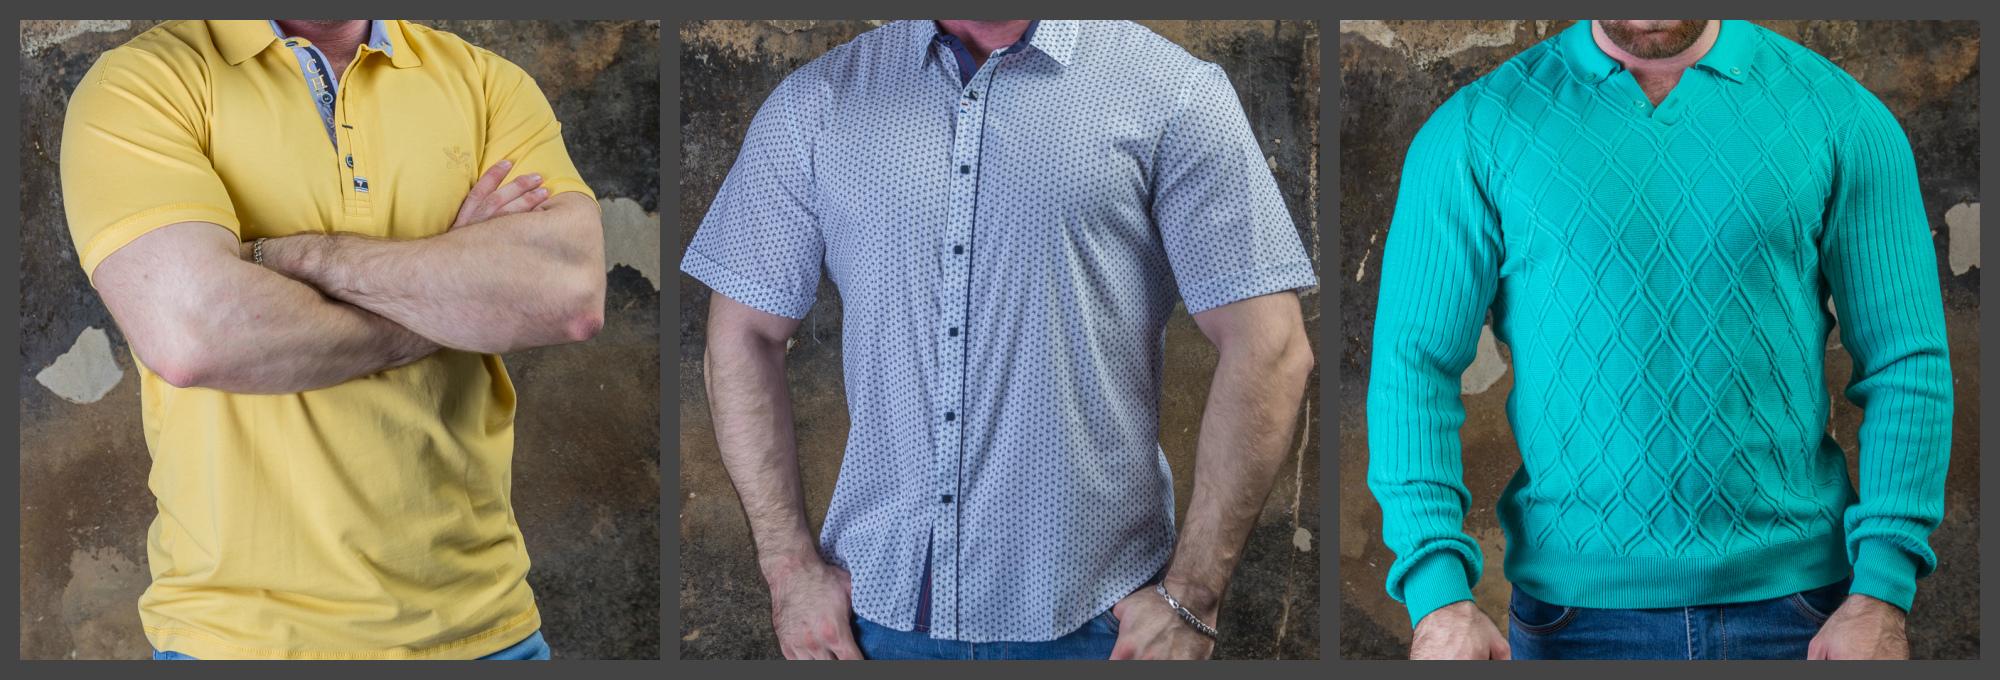 Огромный выбор мужской одежды больших размеров. Цены от 550 руб.